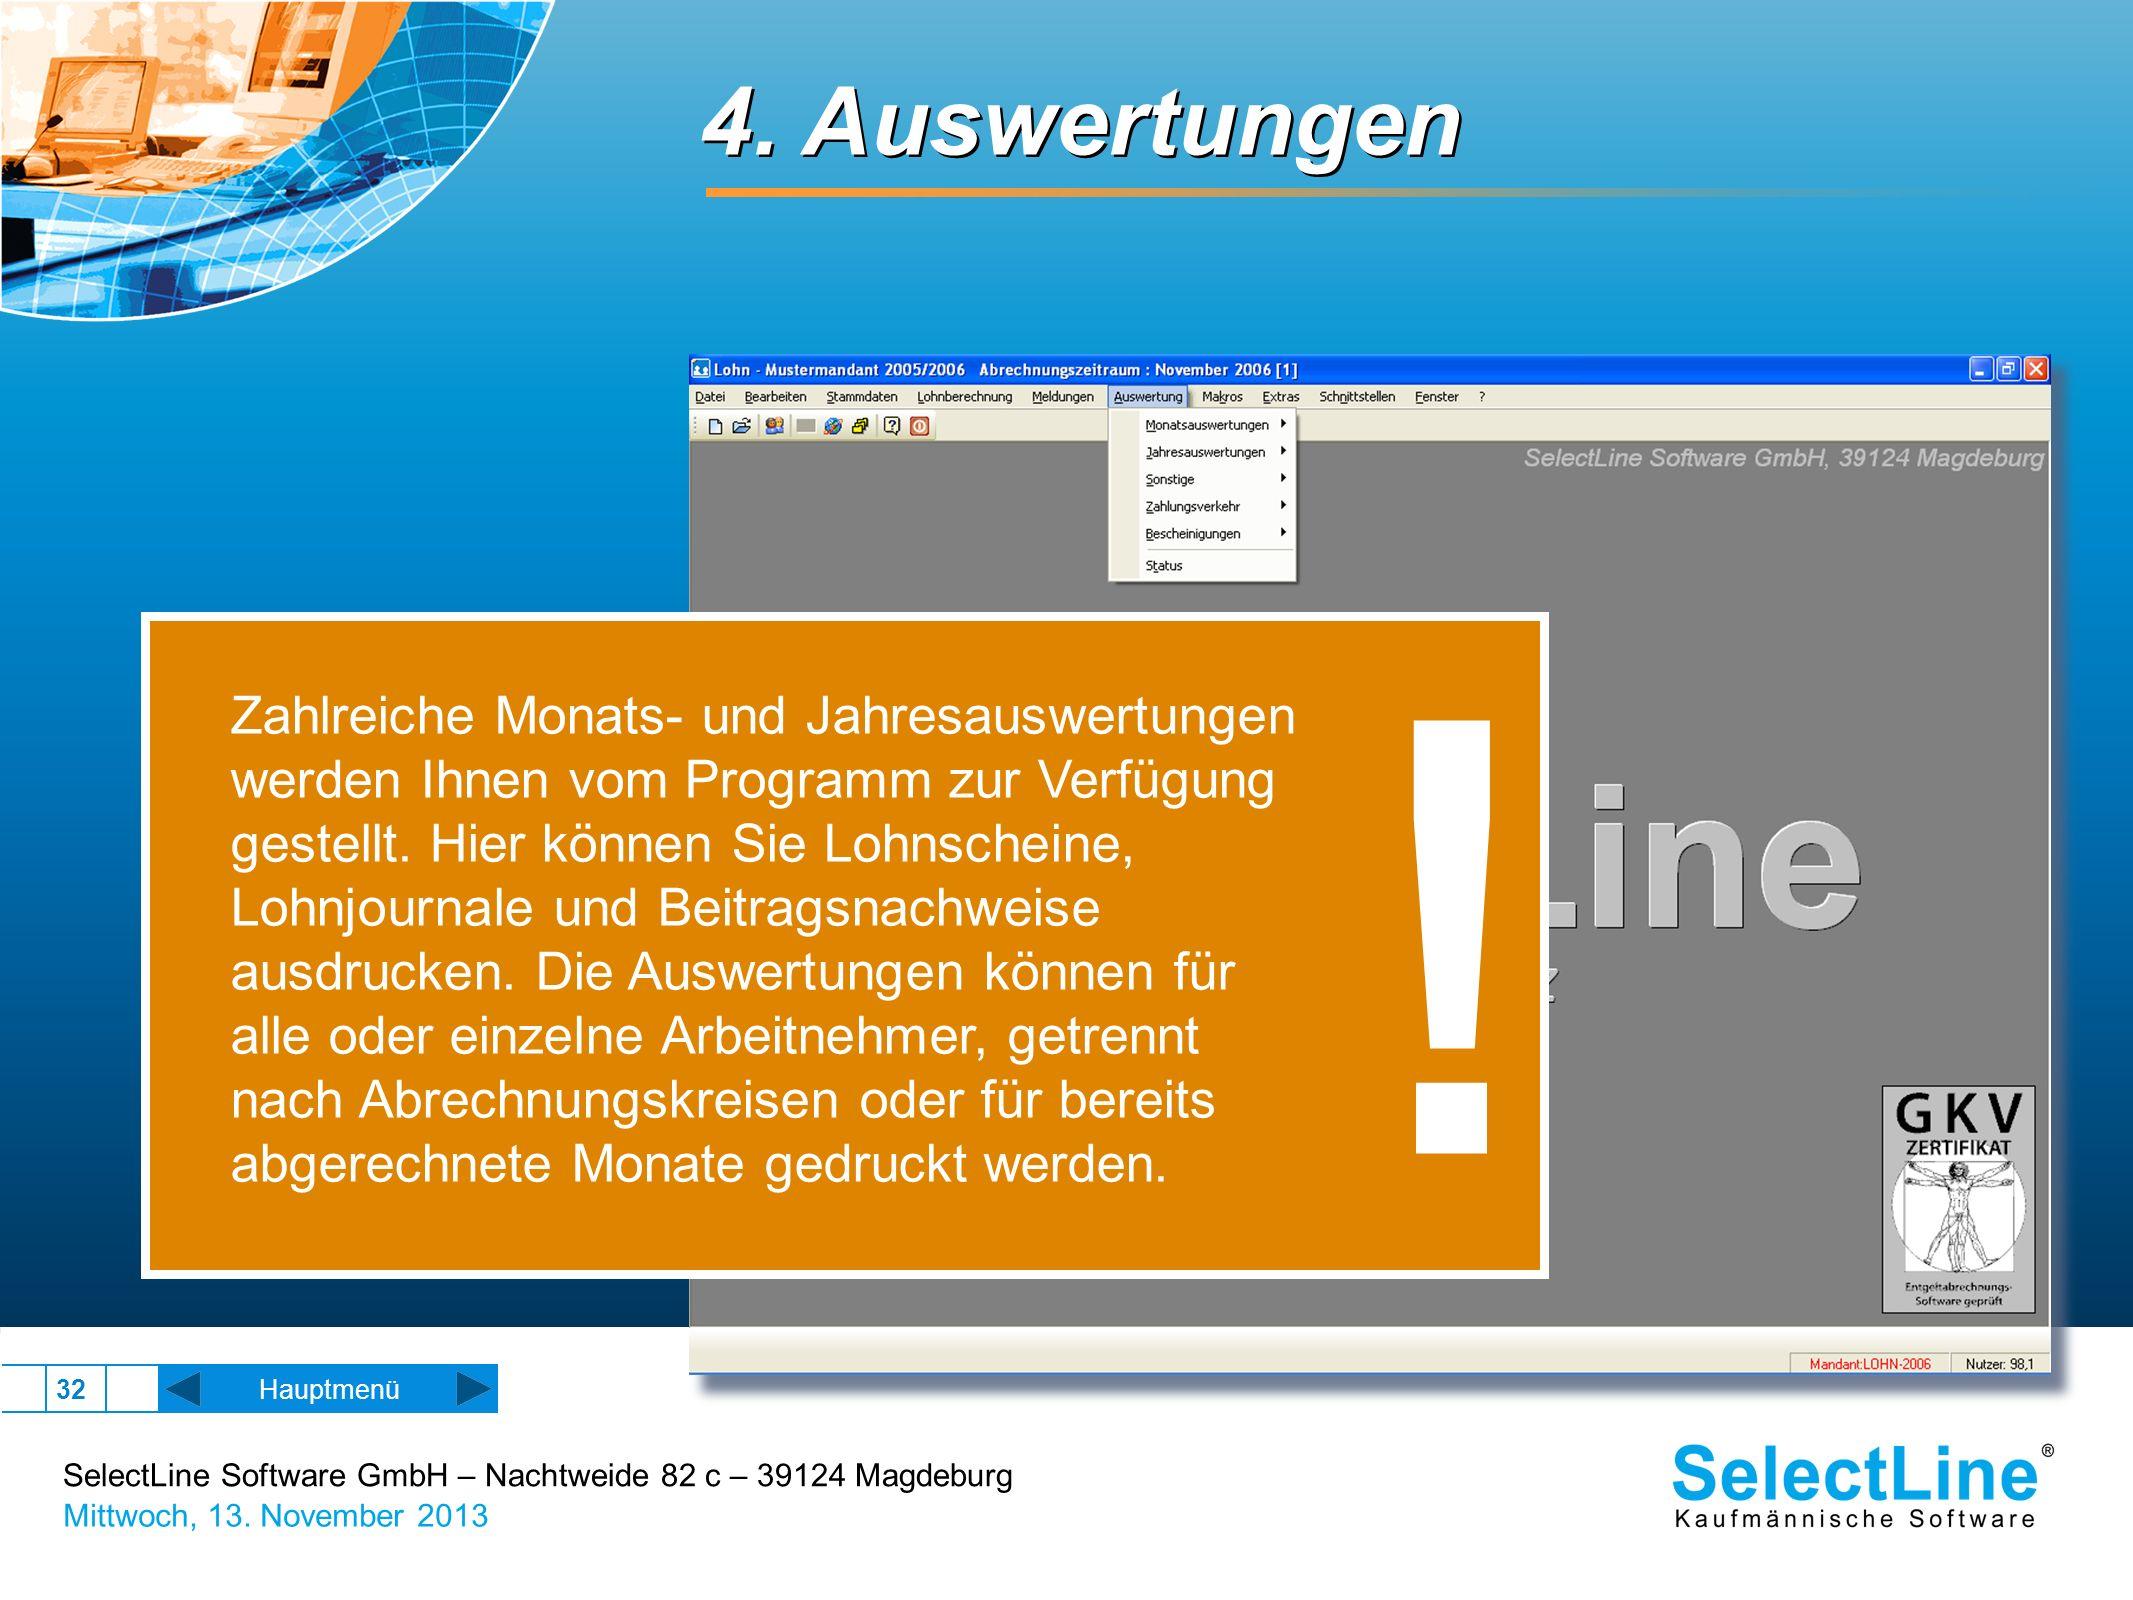 SelectLine Software GmbH – Nachtweide 82 c – 39124 Magdeburg Mittwoch, 13. November 2013 32 Hauptmenü 4. Auswertungen Zahlreiche Monats- und Jahresaus